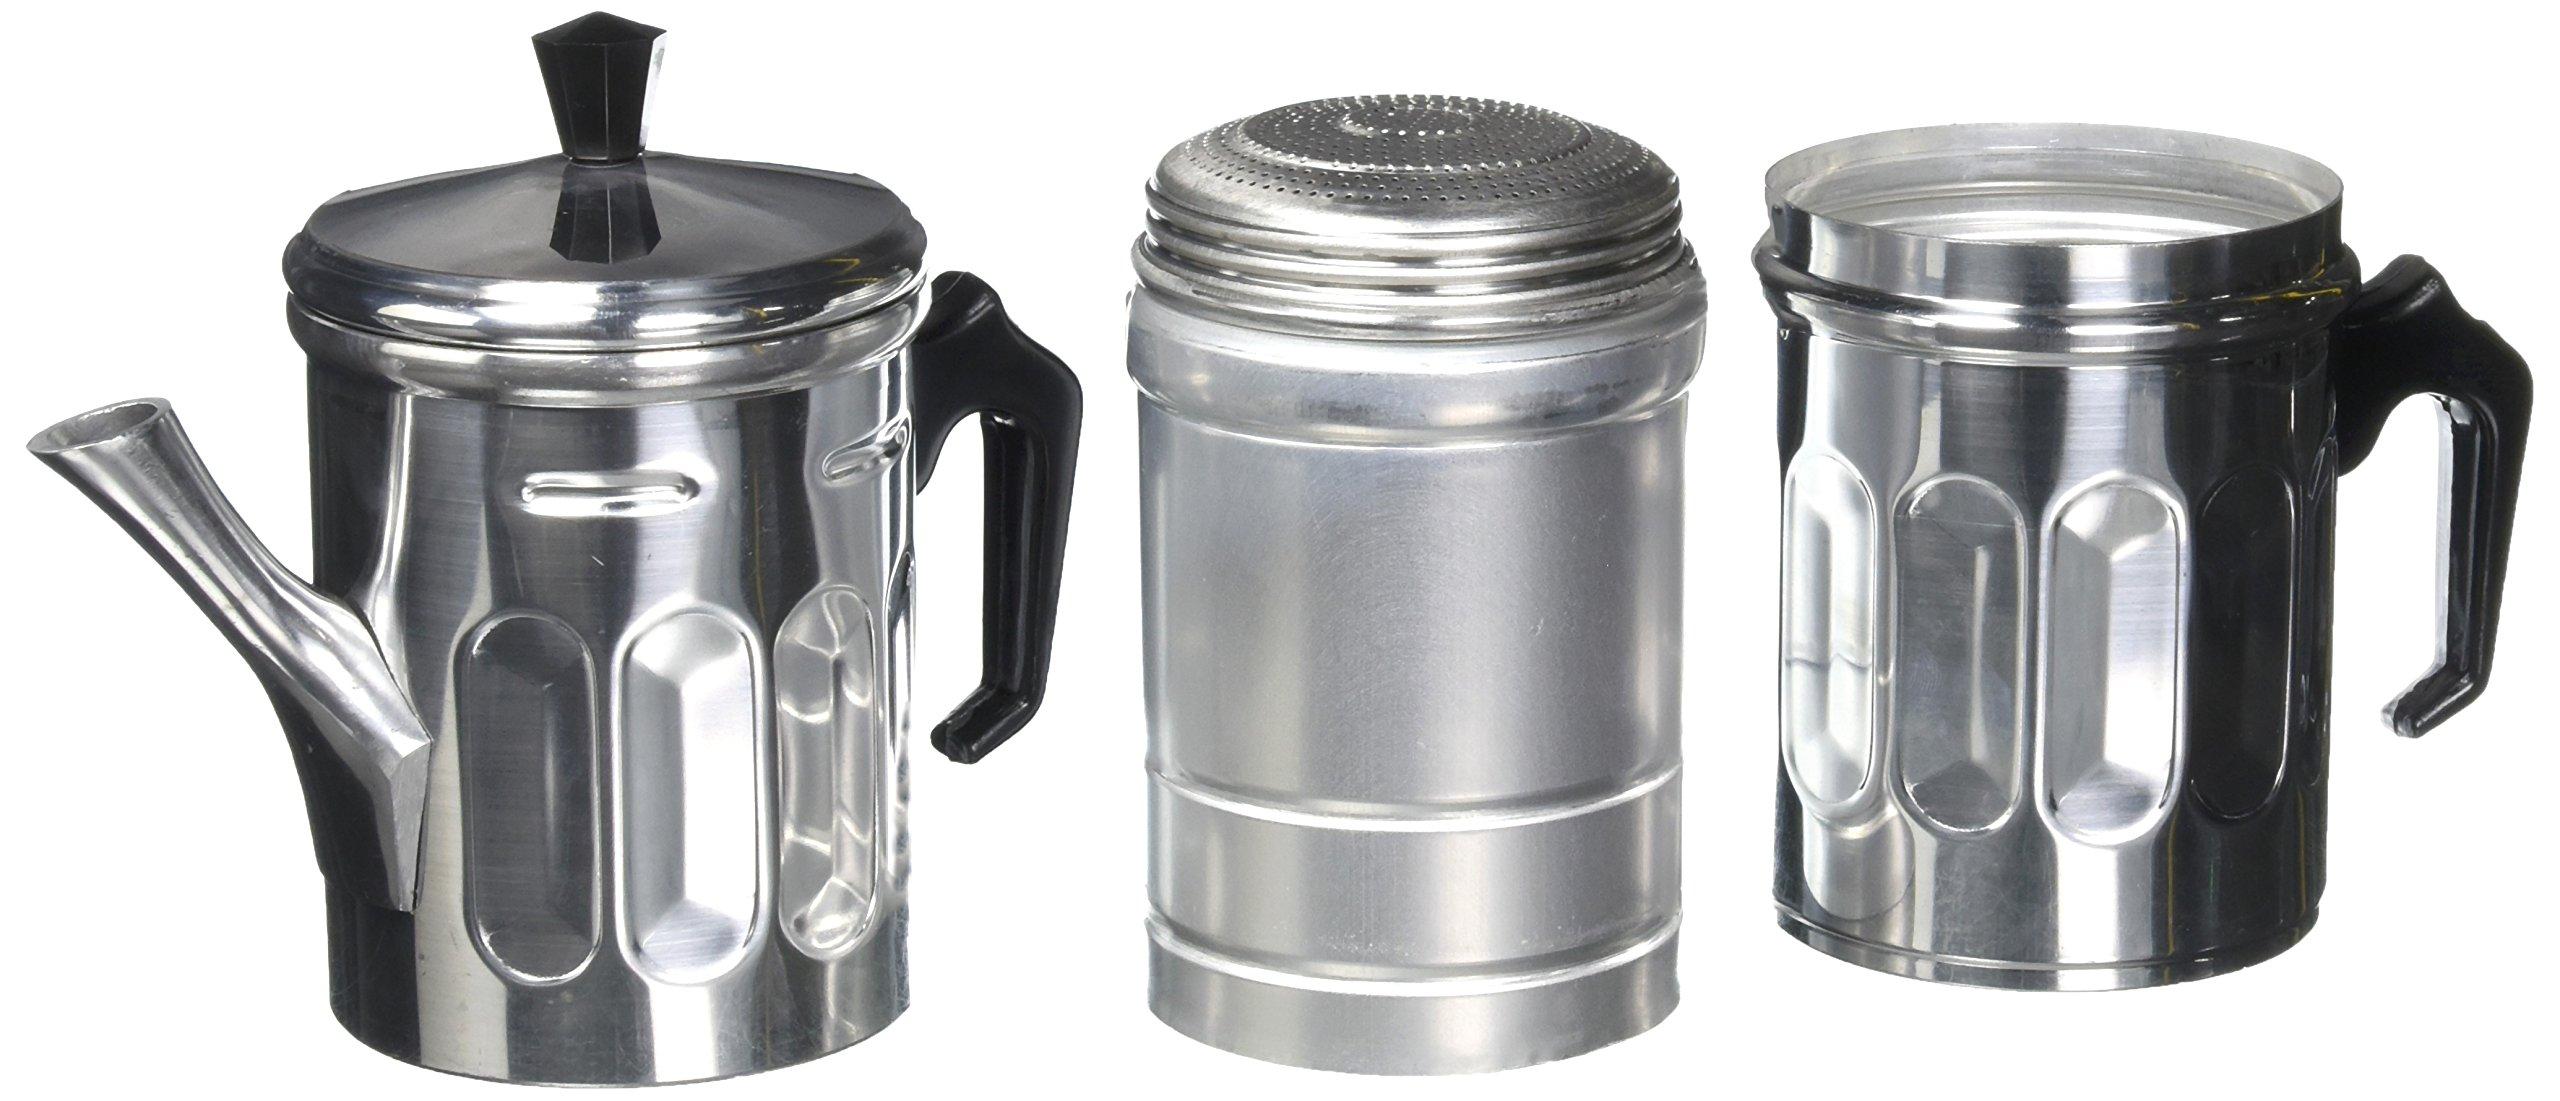 ILSA 30-6 30-6 combination-coffee-espresso-machines, Aluminum by Ilsa